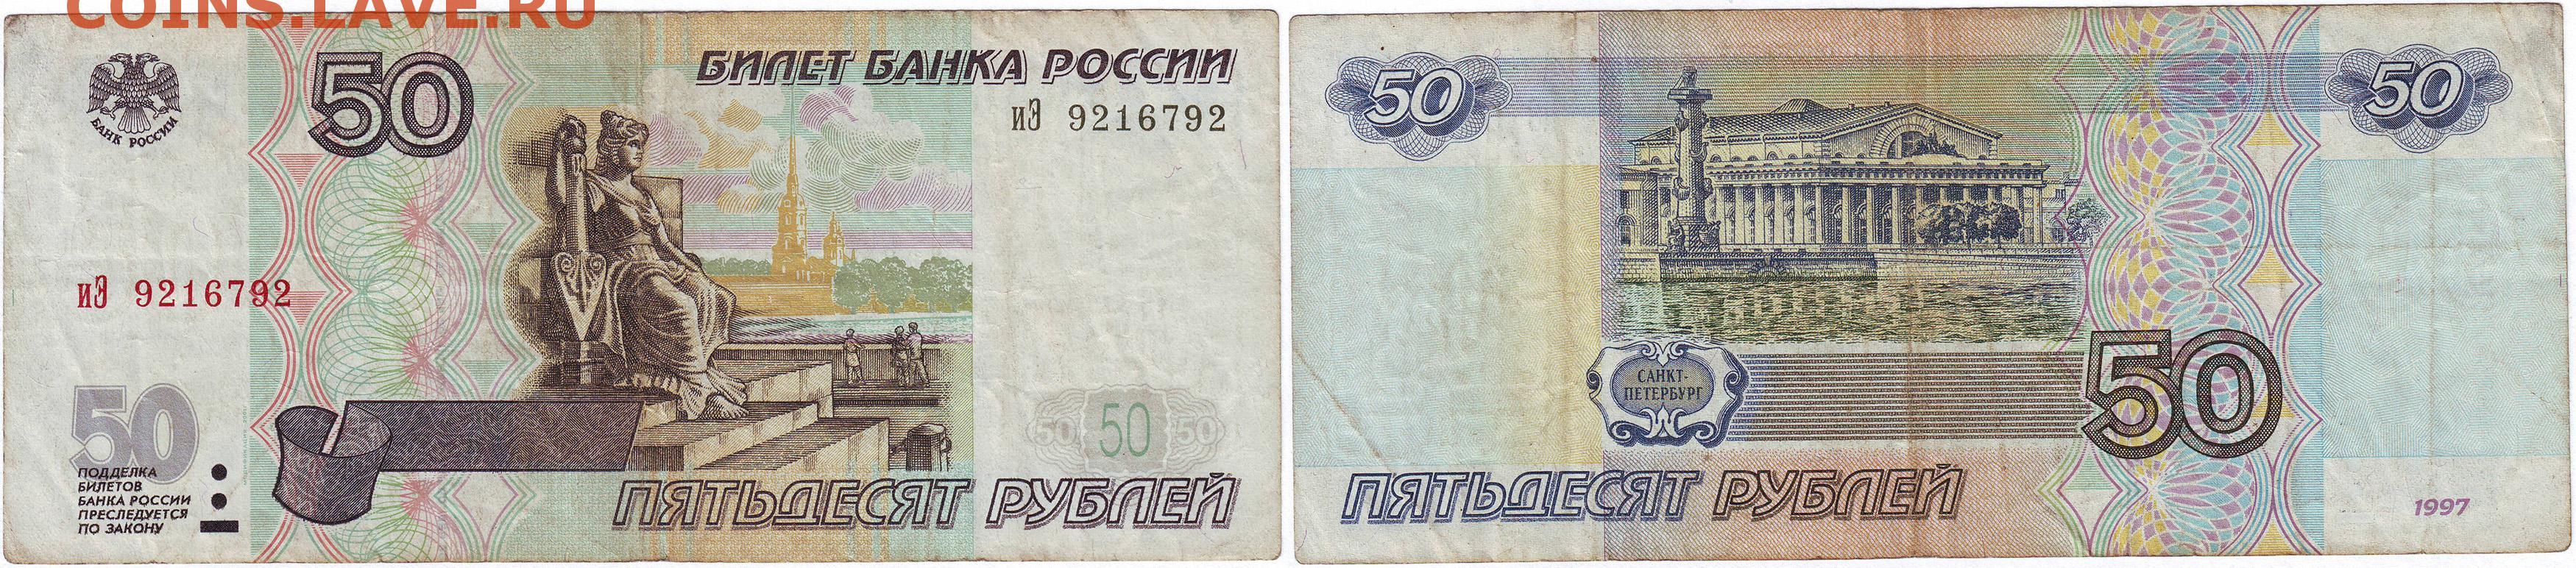 пятьдесят рублей купюра что изображено